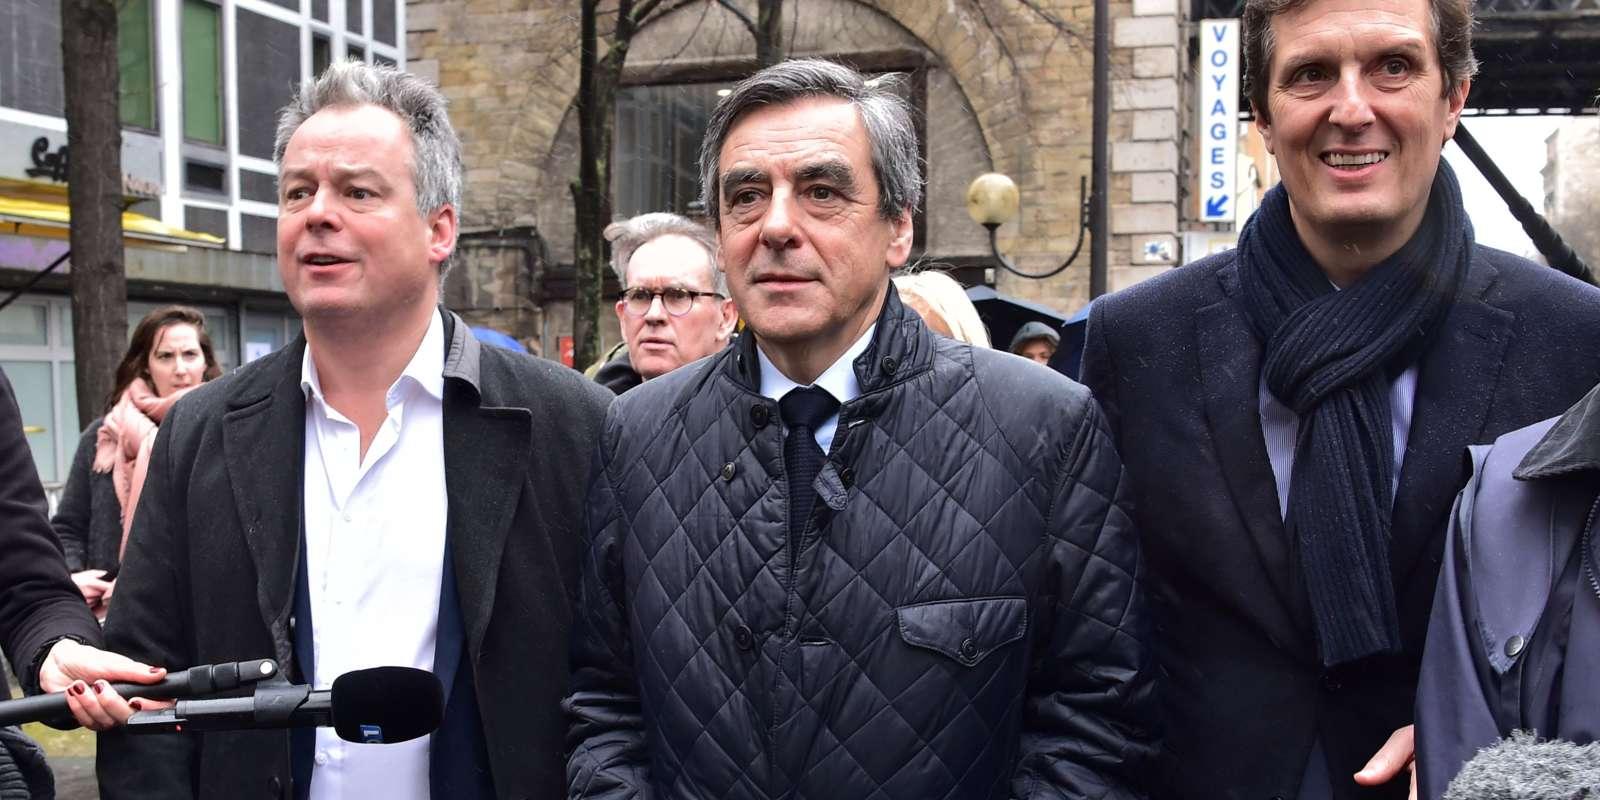 Suite à la convocation de François Fillon, mercredi, aux fins de mise en examen et à sa volonté de maintenir sa candidature, l'UDI et Bruno Le Maire ont annoncé leur retrait de la campagne.